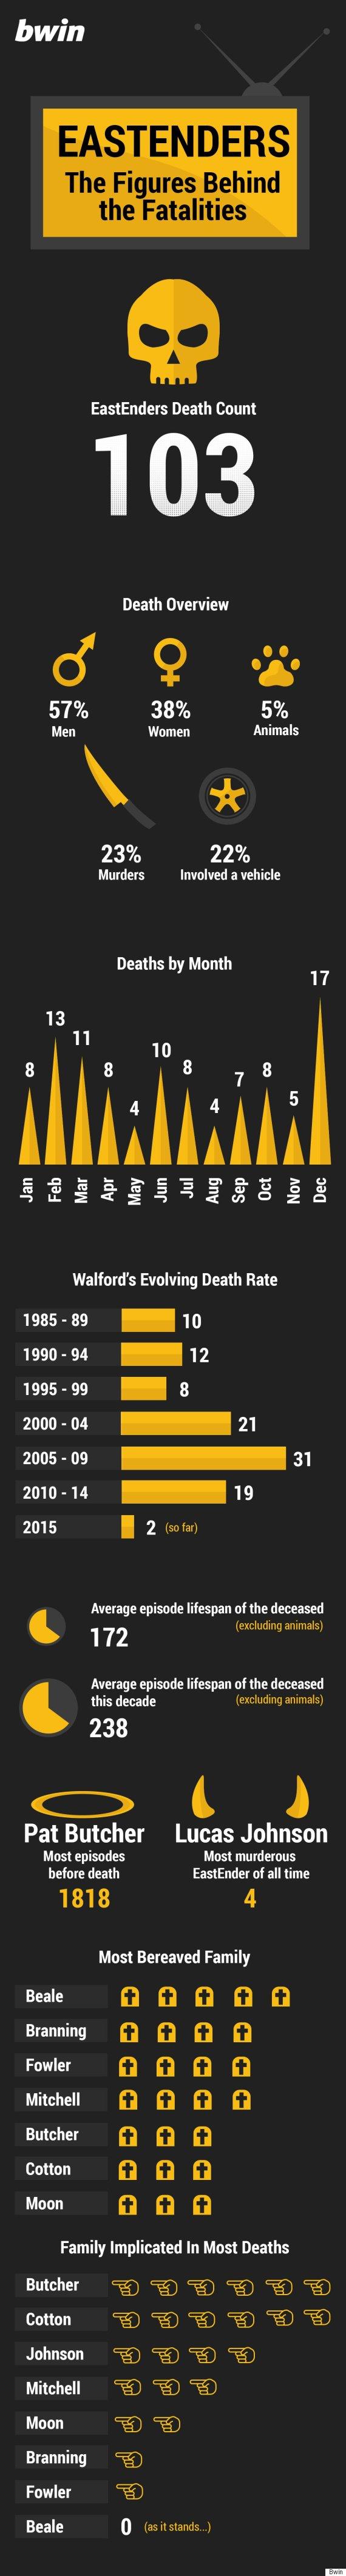 eastenders deaths